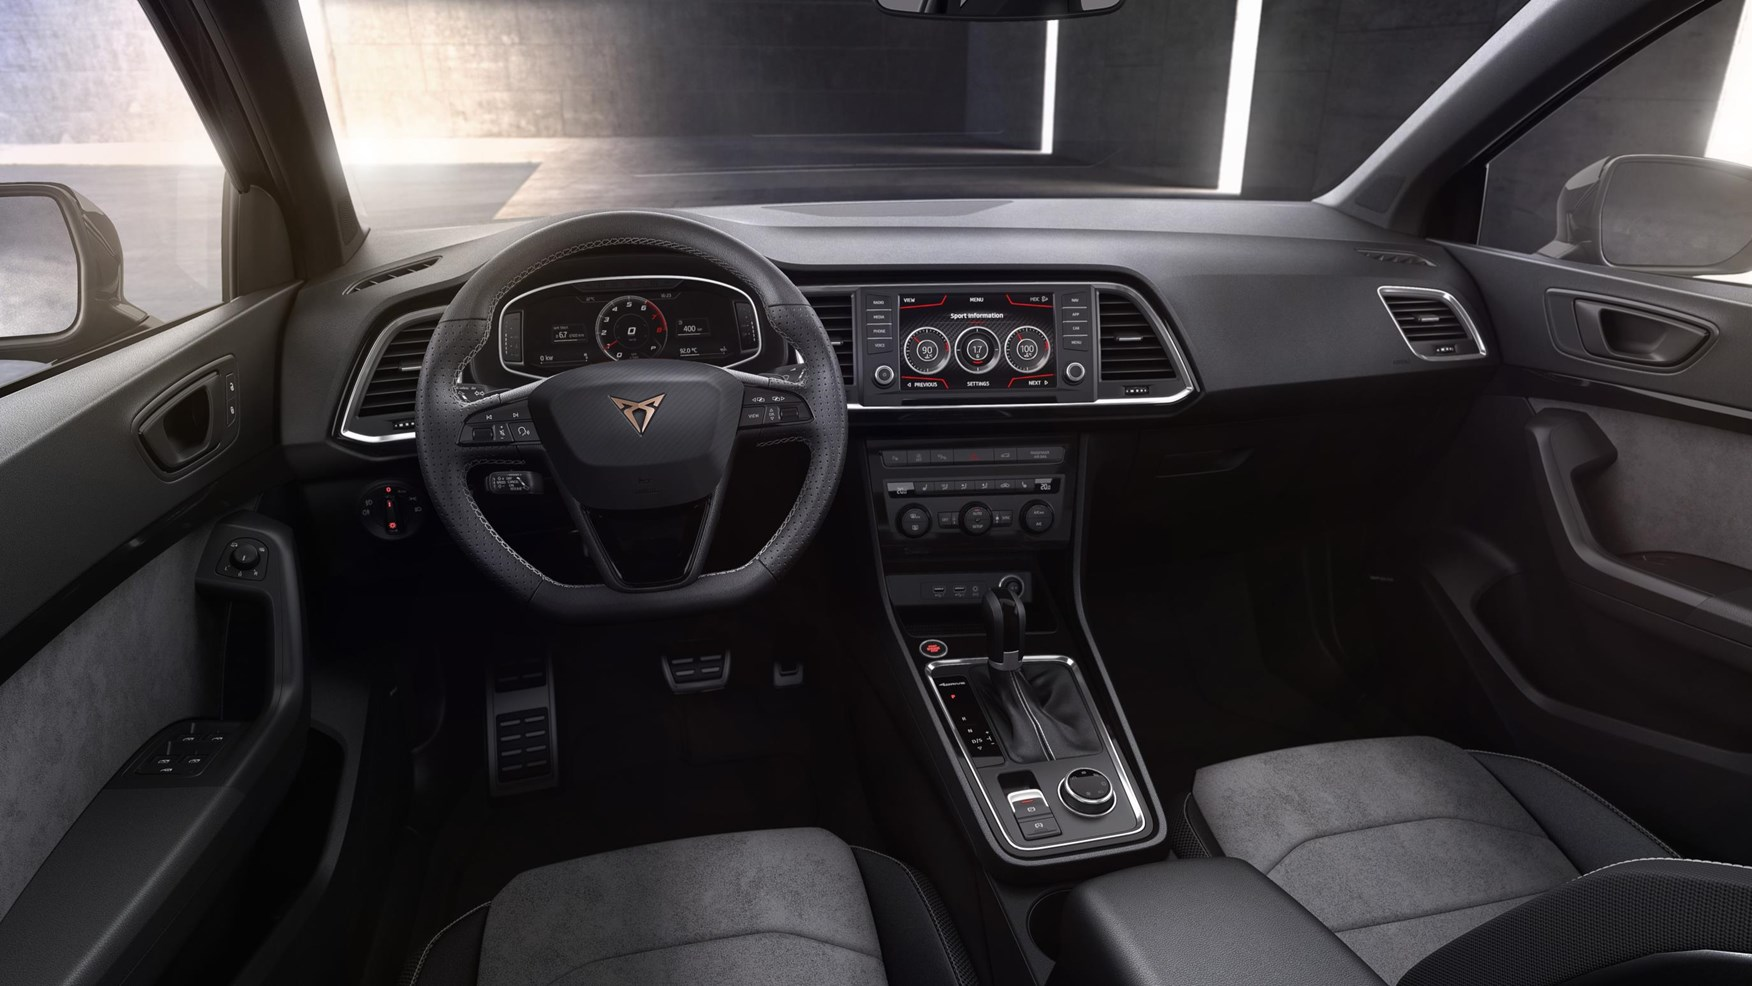 Cupra Ateca SUV: news, photos, prices, specs, on sale date ...